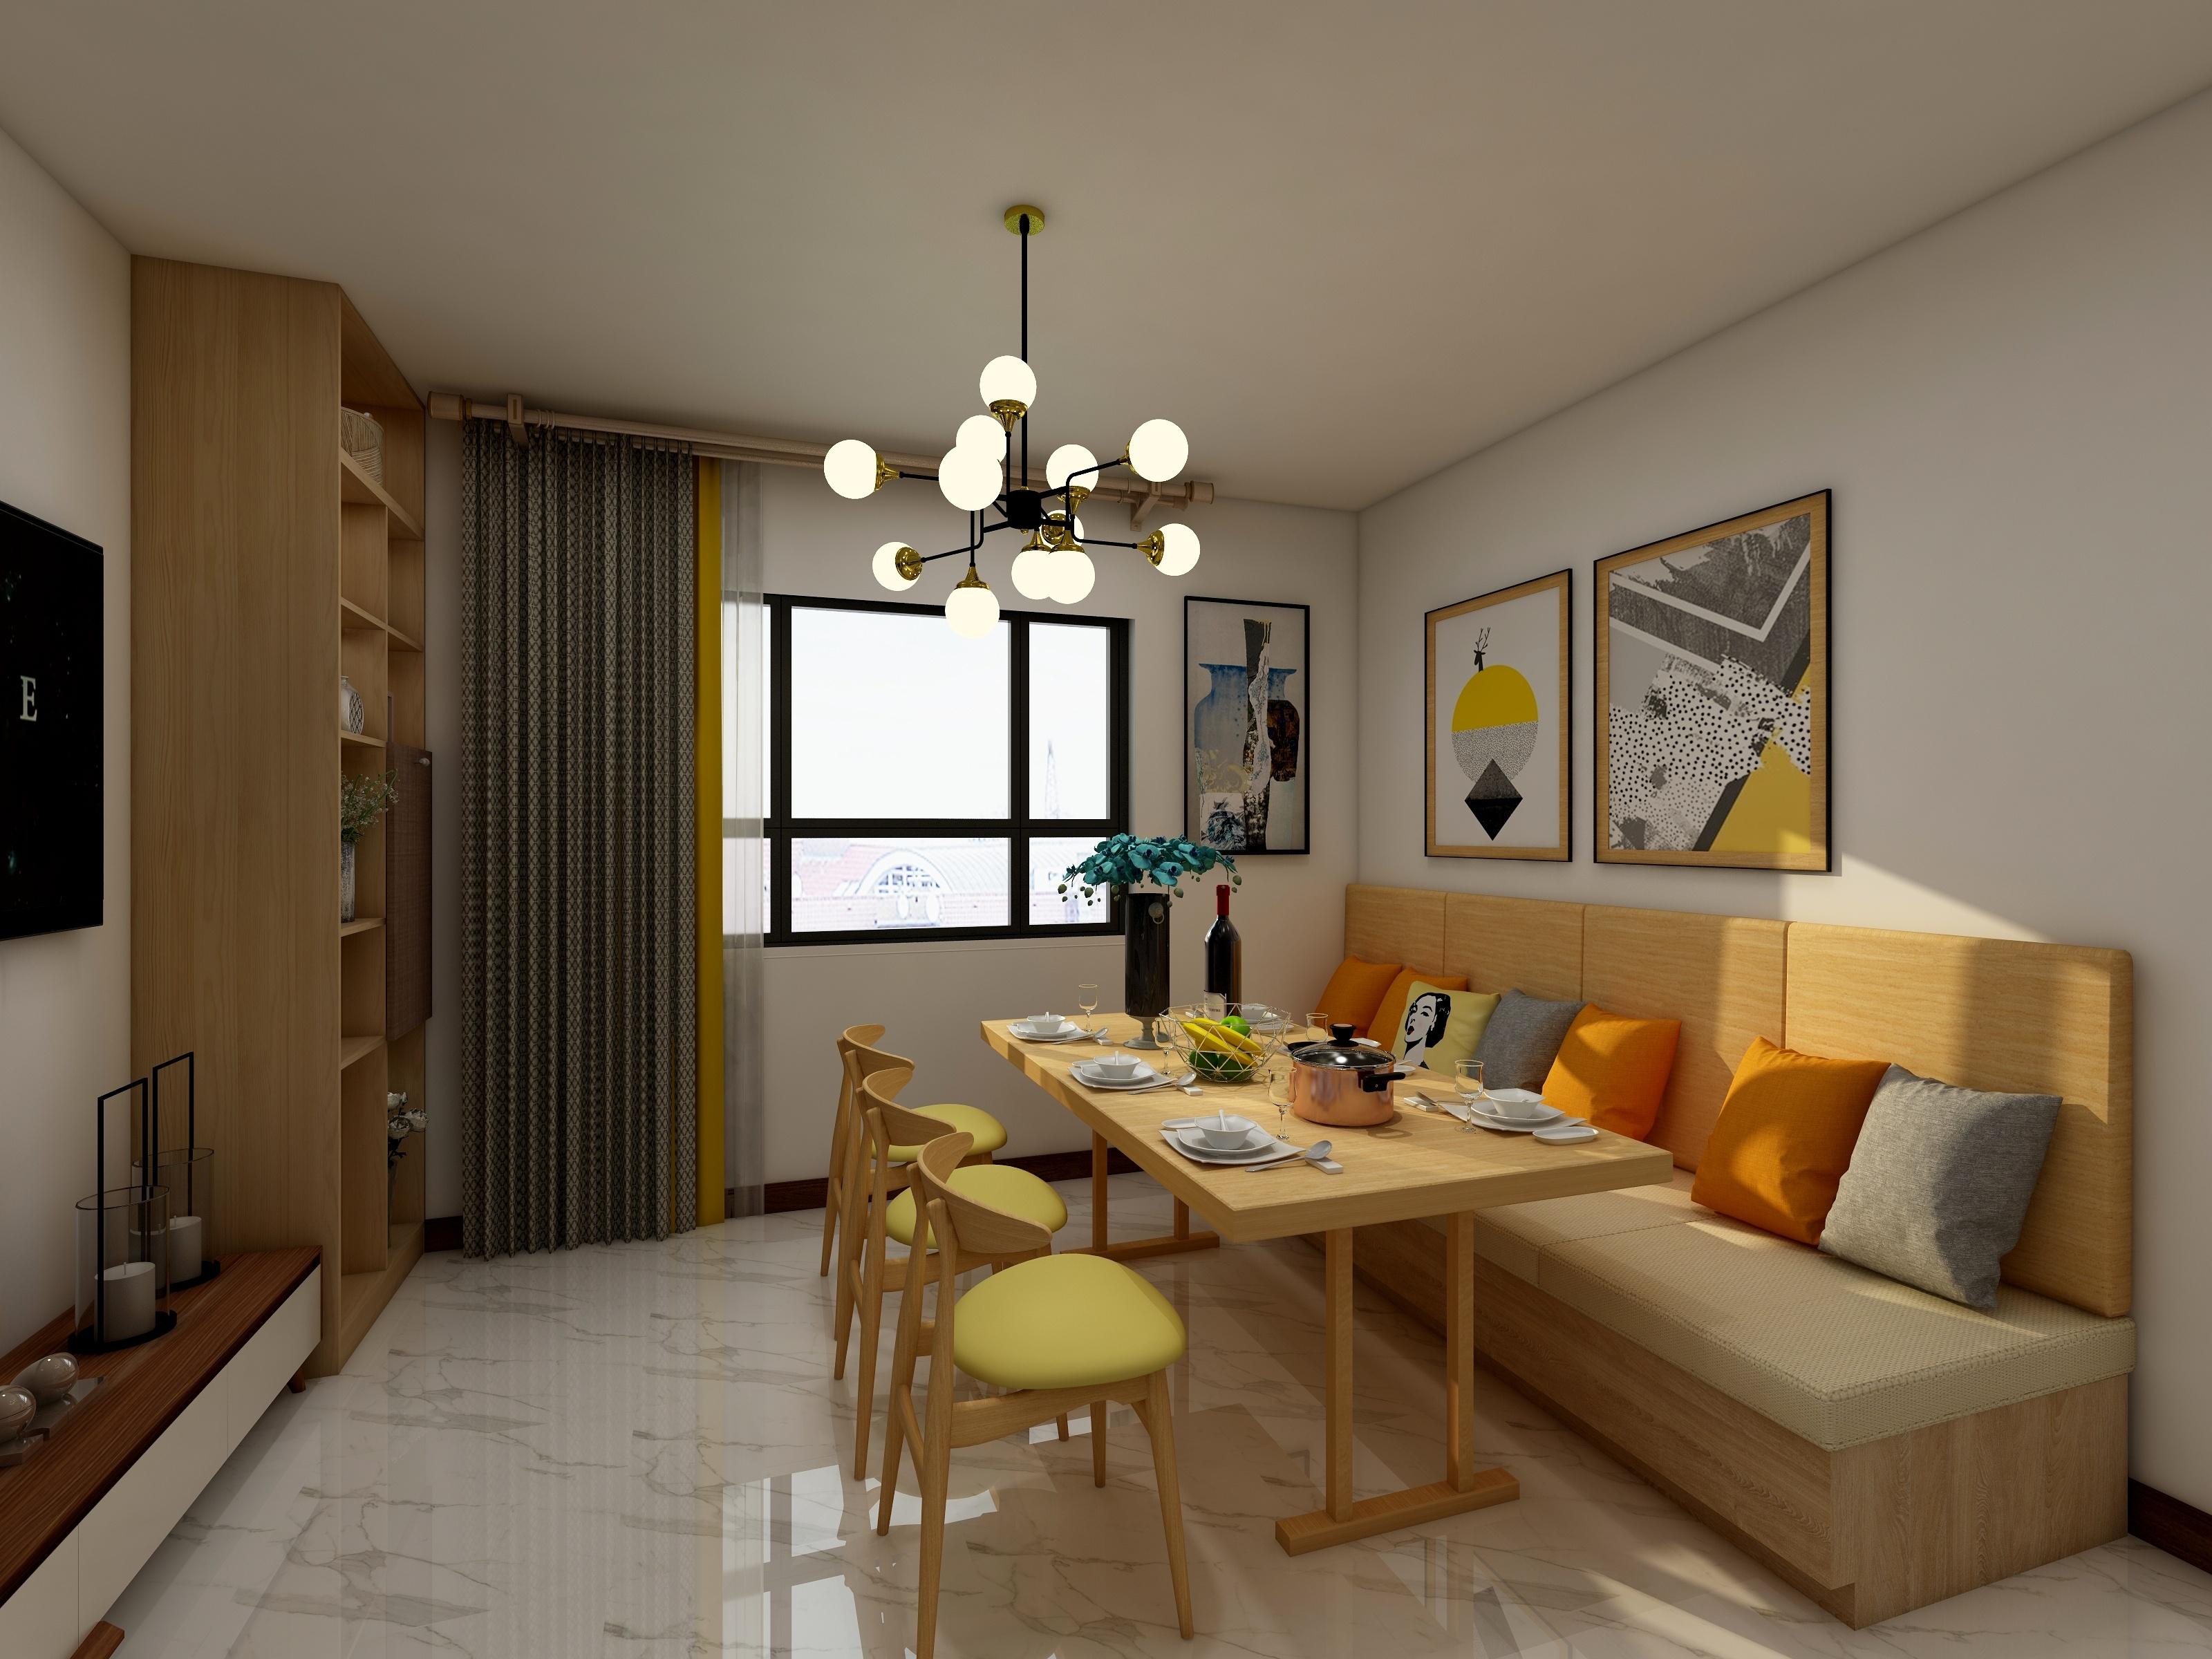 客餐厅效果图——业之峰装饰两室两厅平米现代简约风